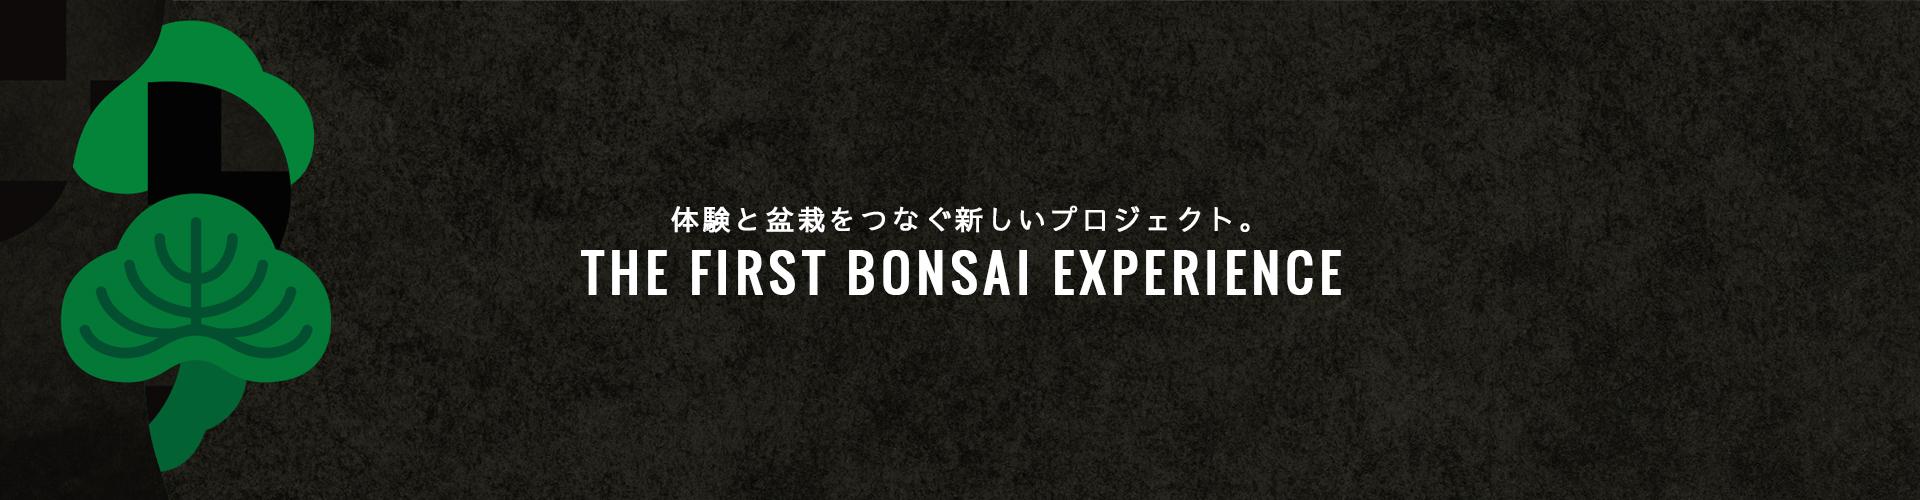 体験と盆栽をつなぐ新しいプロジェクト。THE FIRST BONSAI EXPERIENCE